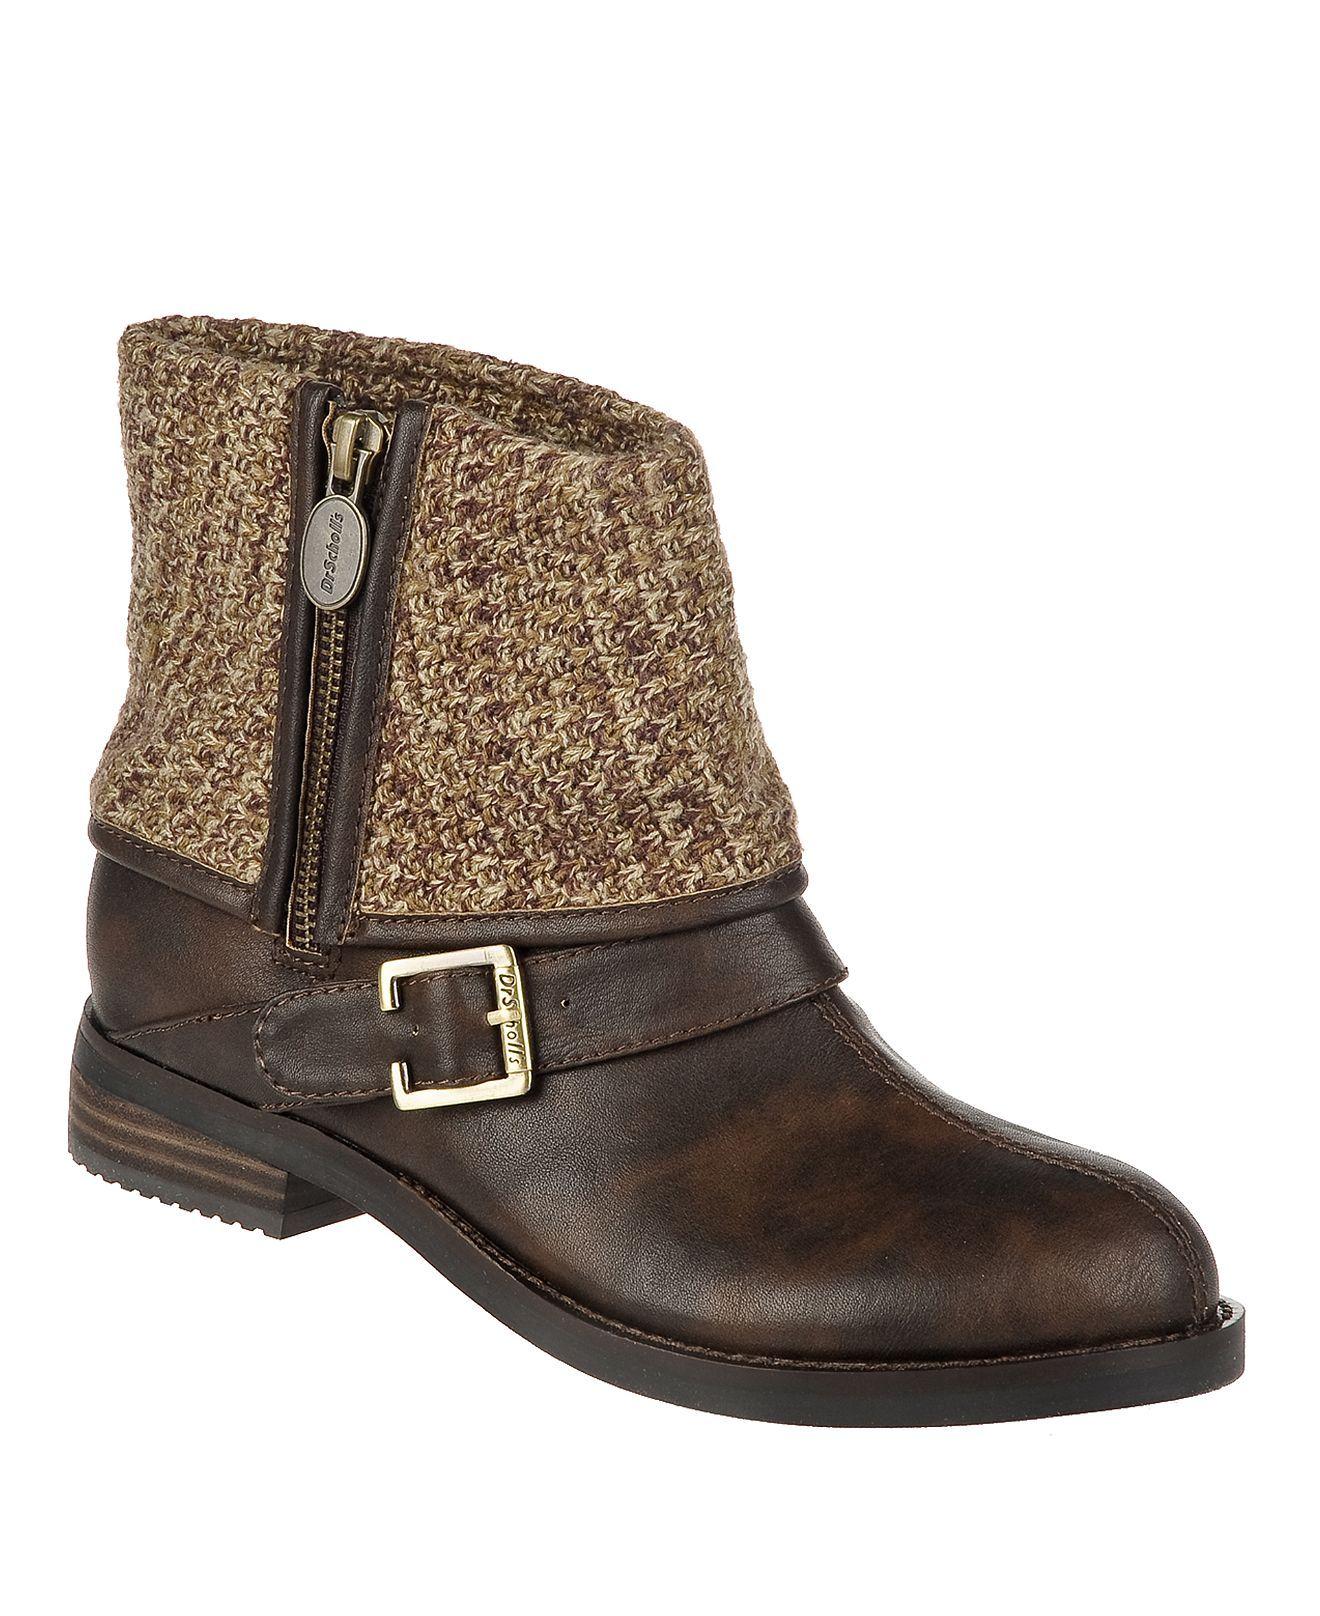 0de26bce51bd Dr. Scholl s Shoes